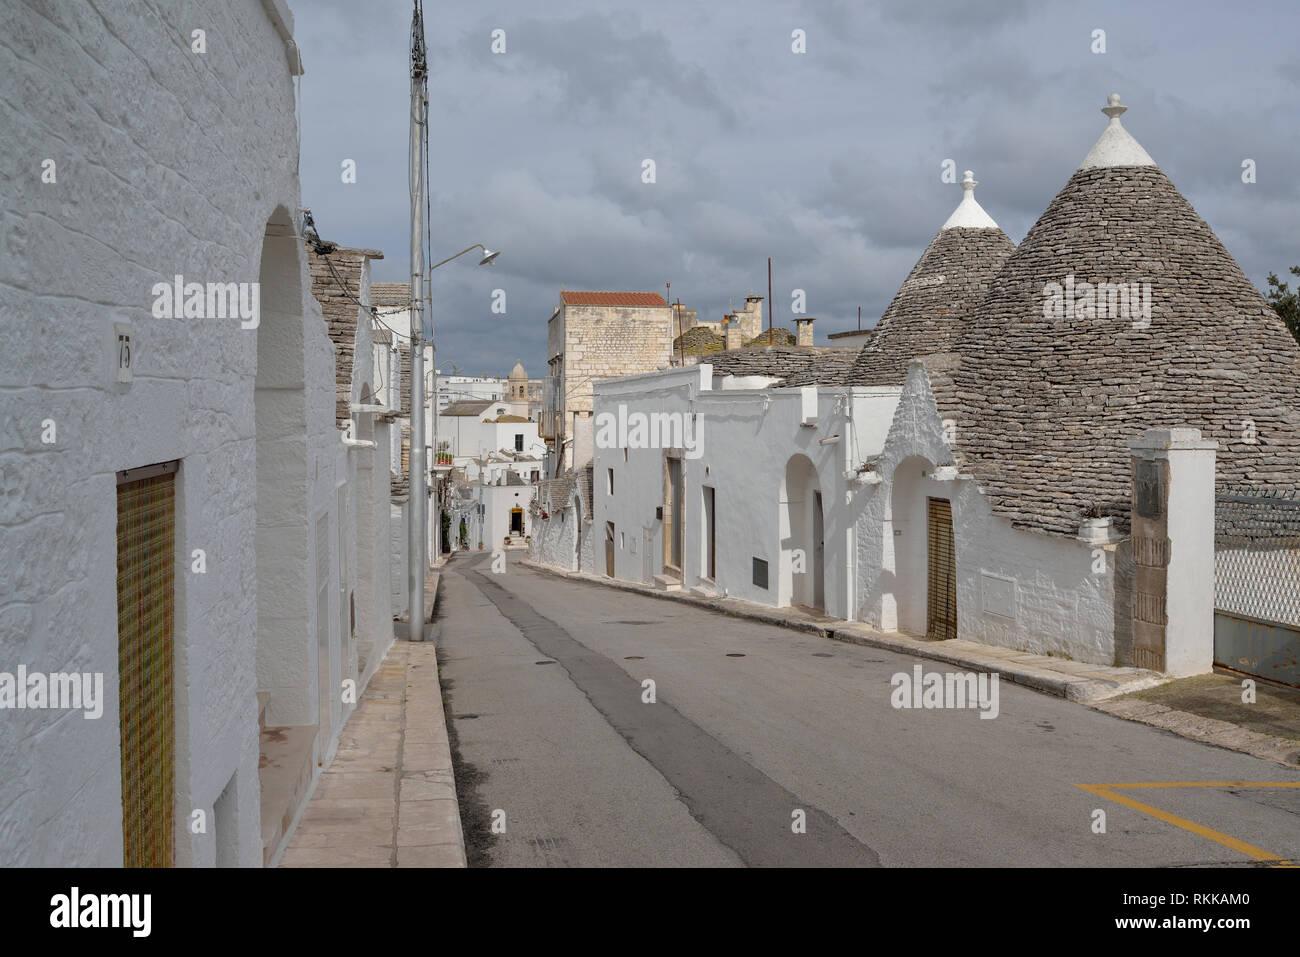 Fila de trullo casas en calle en Alberobello Imagen De Stock